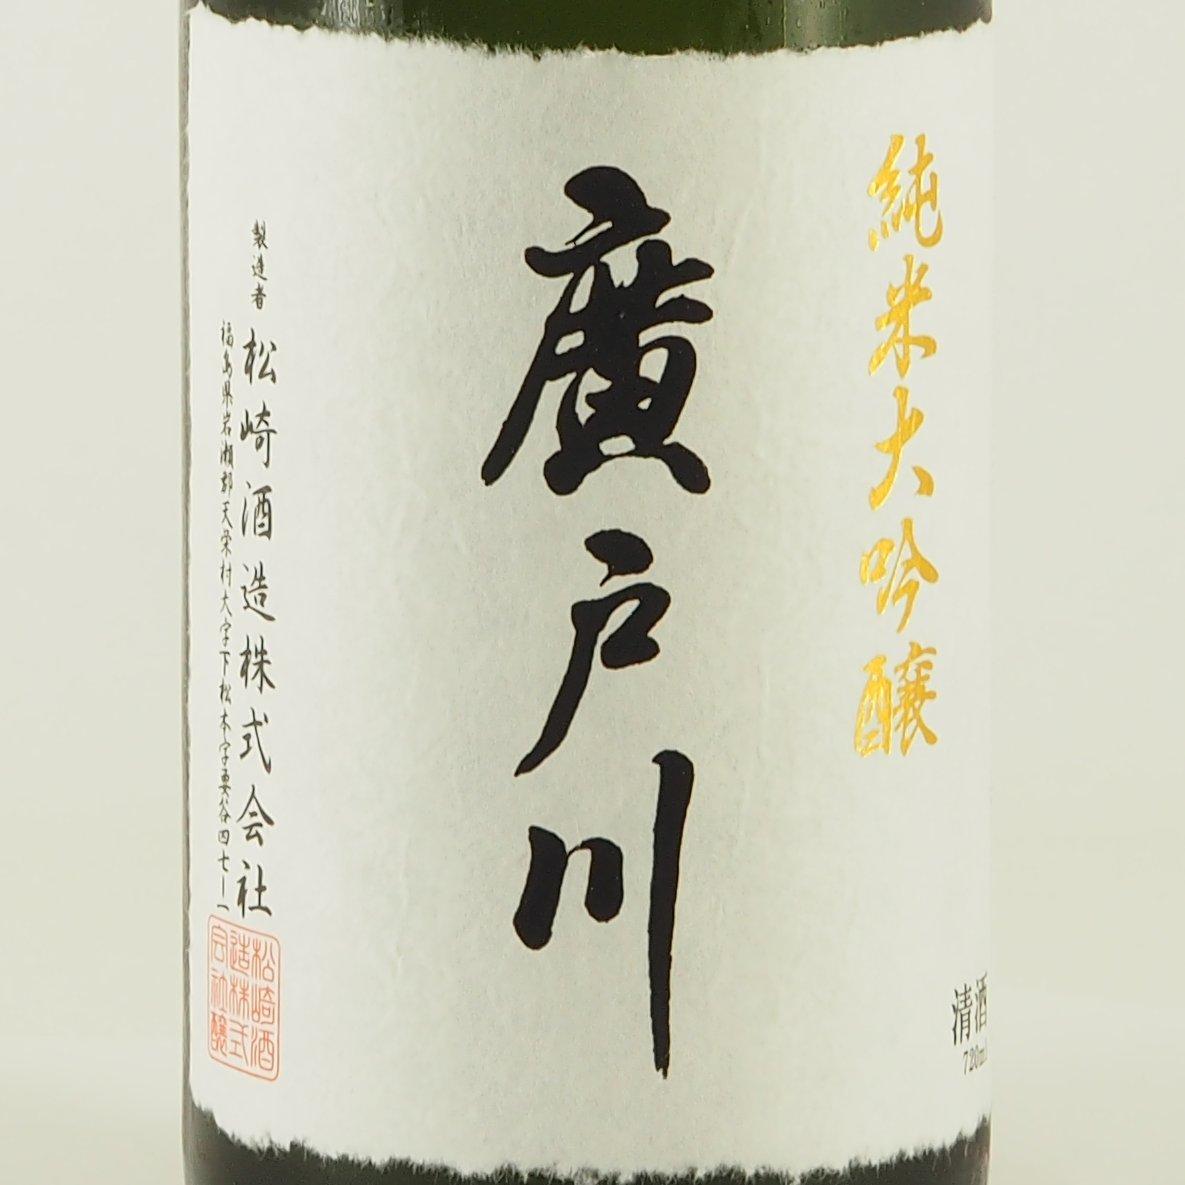 test ツイッターメディア - 【日本酒】 廣戸川 純米大吟醸 入荷しました!  廣戸川らしい穏やかな香りながらも お米由来の甘さが膨らむのが特徴の 酒質に仕上がりました。  詳しくはブログで https://t.co/2pUekNGIds オンラインショップ https://t.co/wbj7zlhezg https://t.co/WPGVoUPiDu